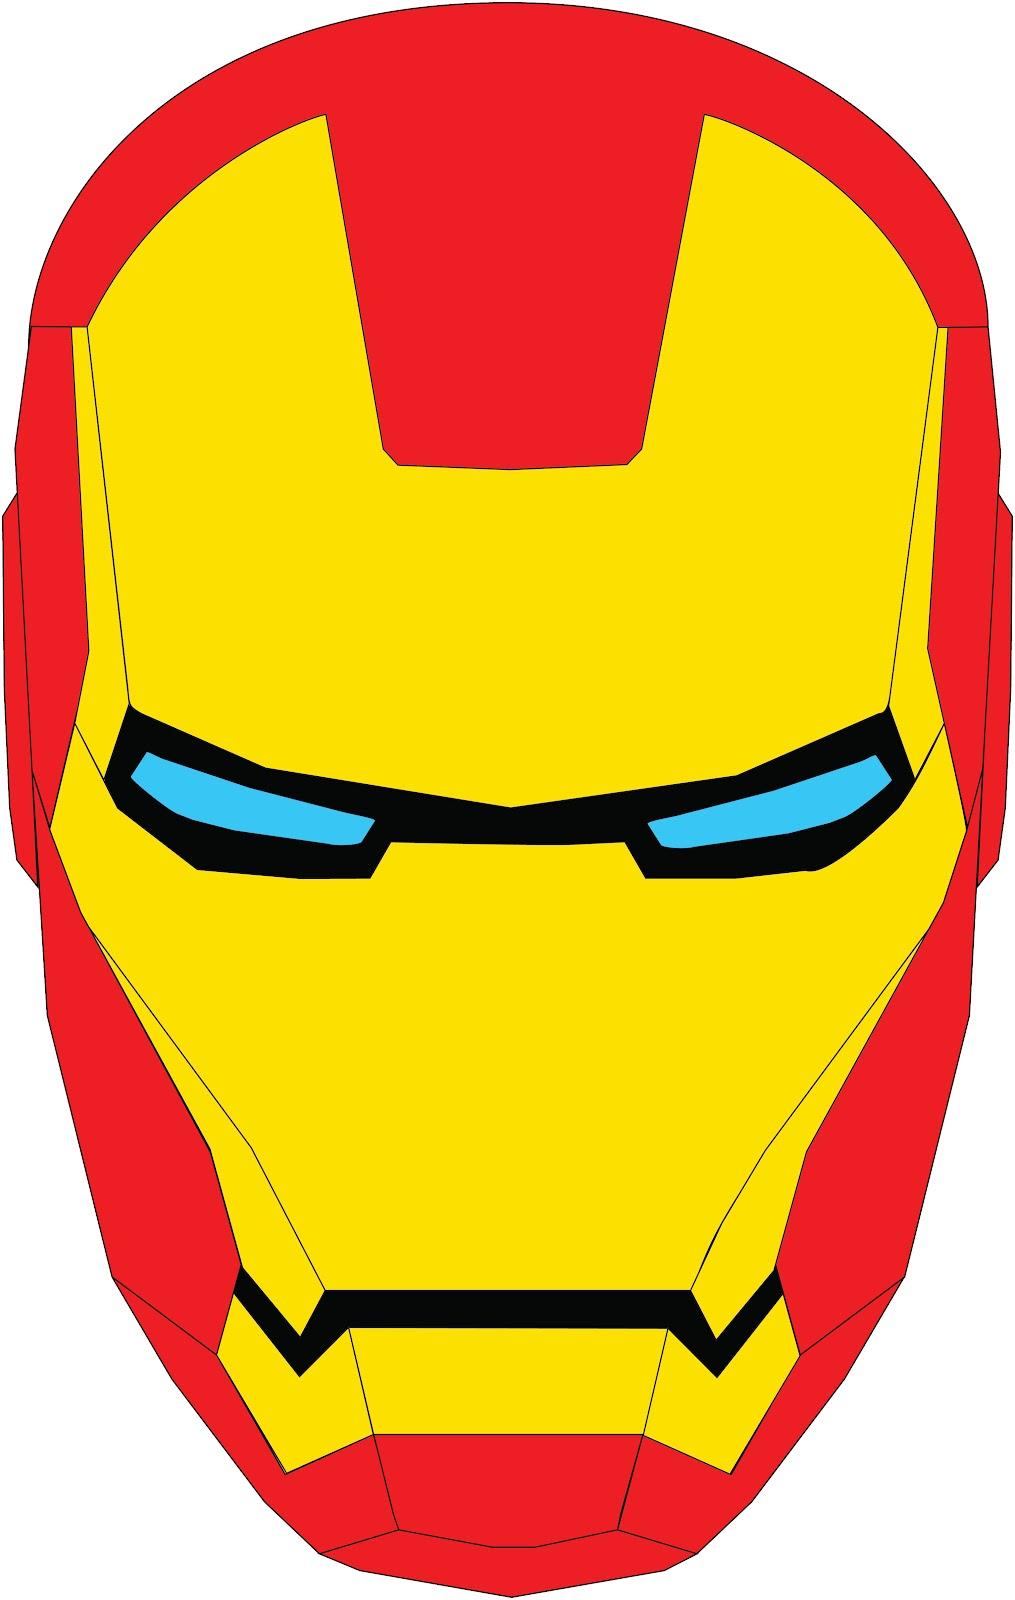 Iron man face clip art.